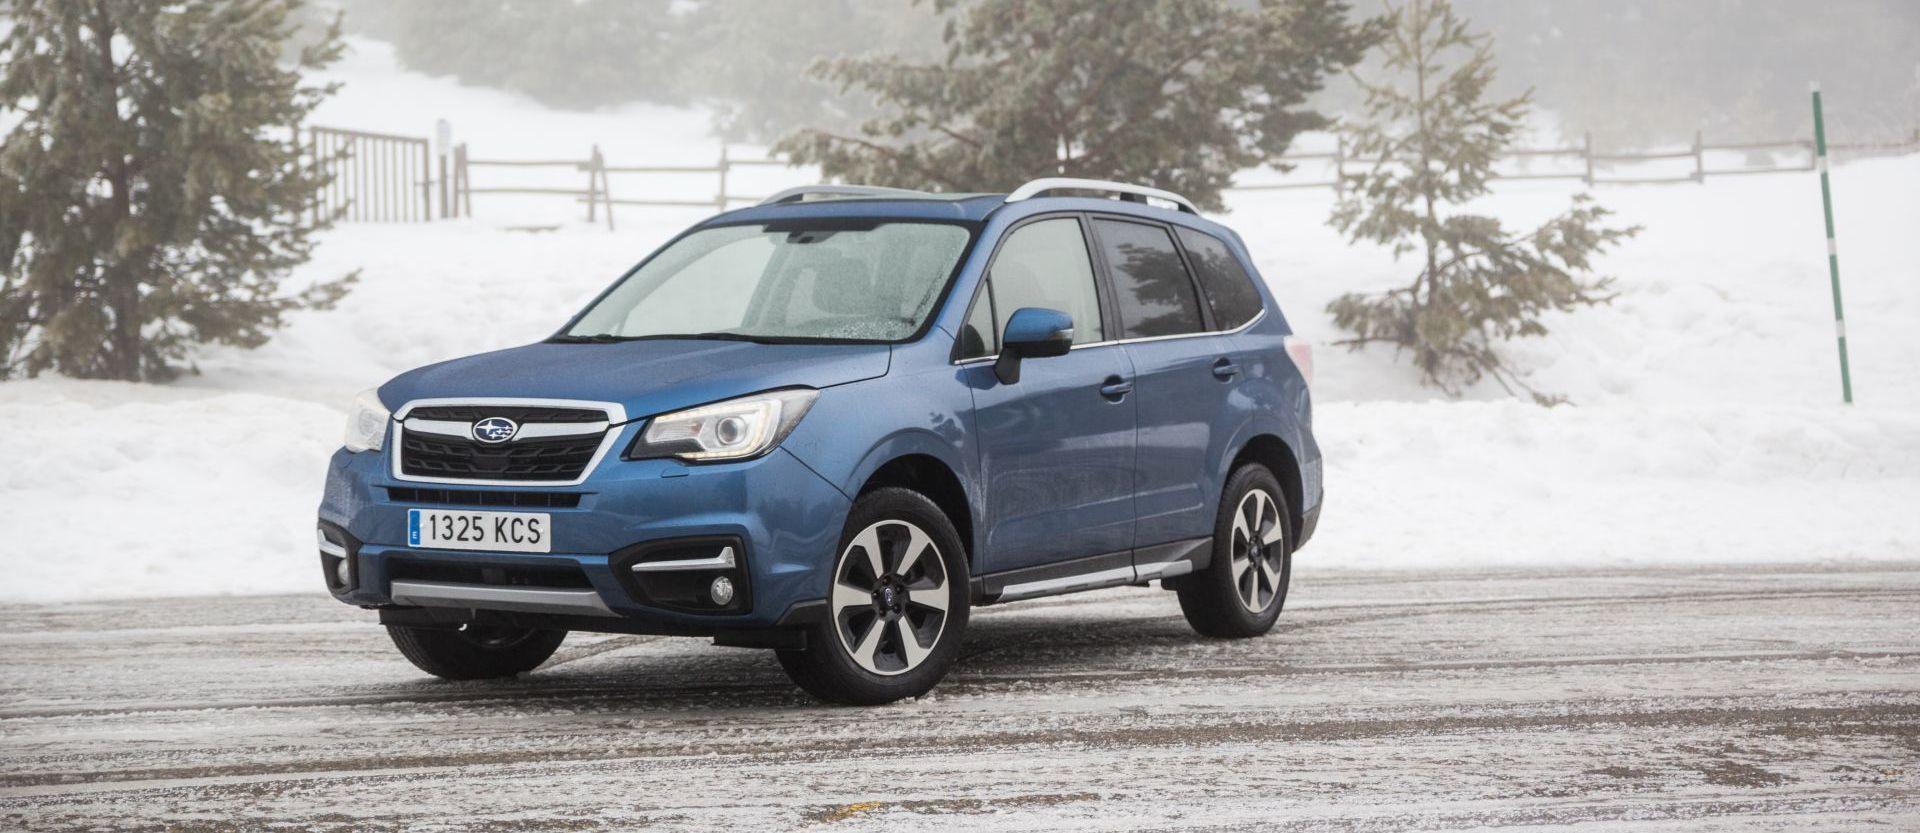 Prueba Subaru Forester P